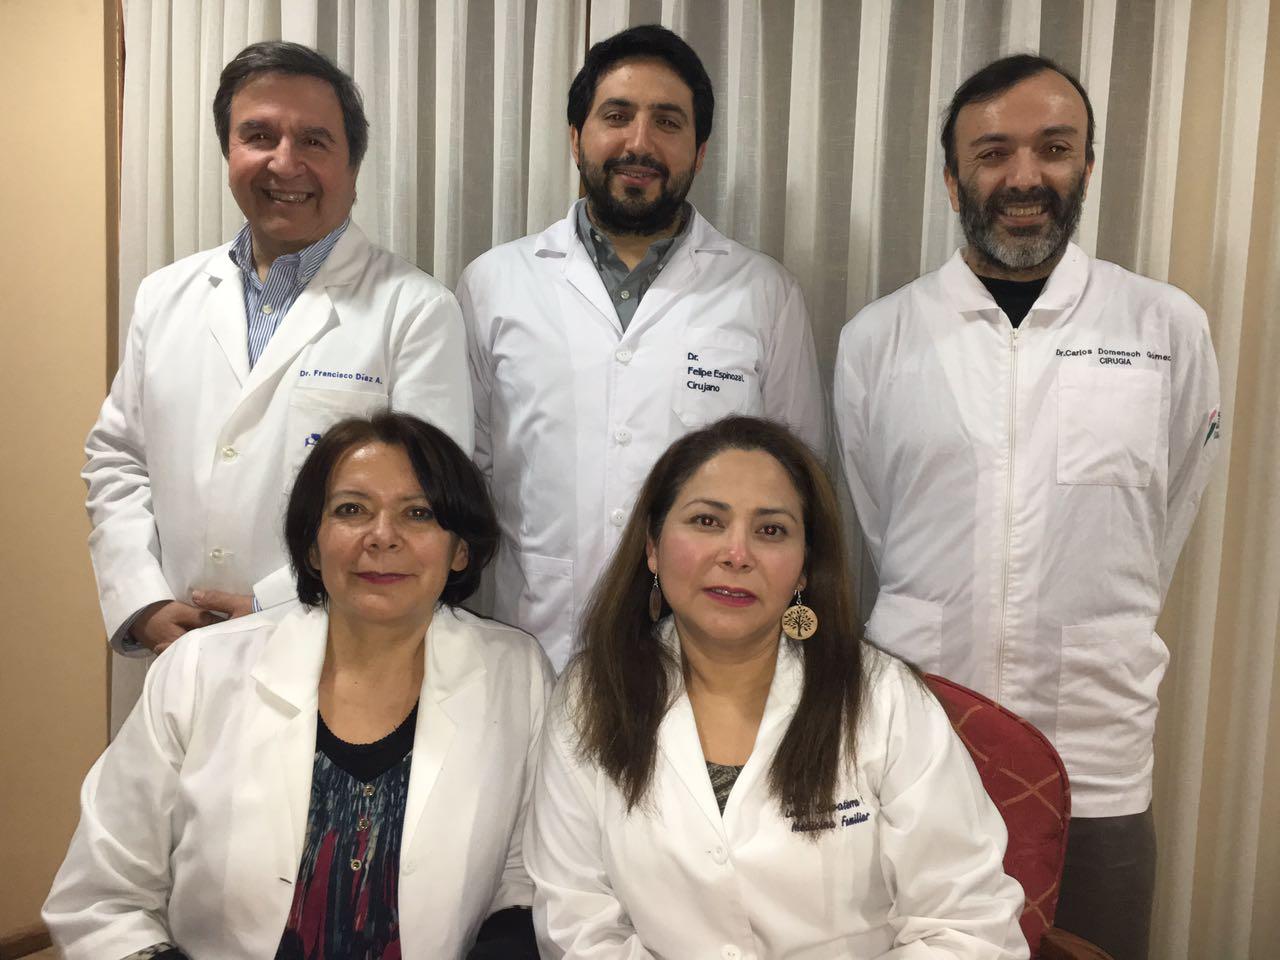 Colegio Médico rechaza acusación sin investigación previa realizada por parlamentarios UDI